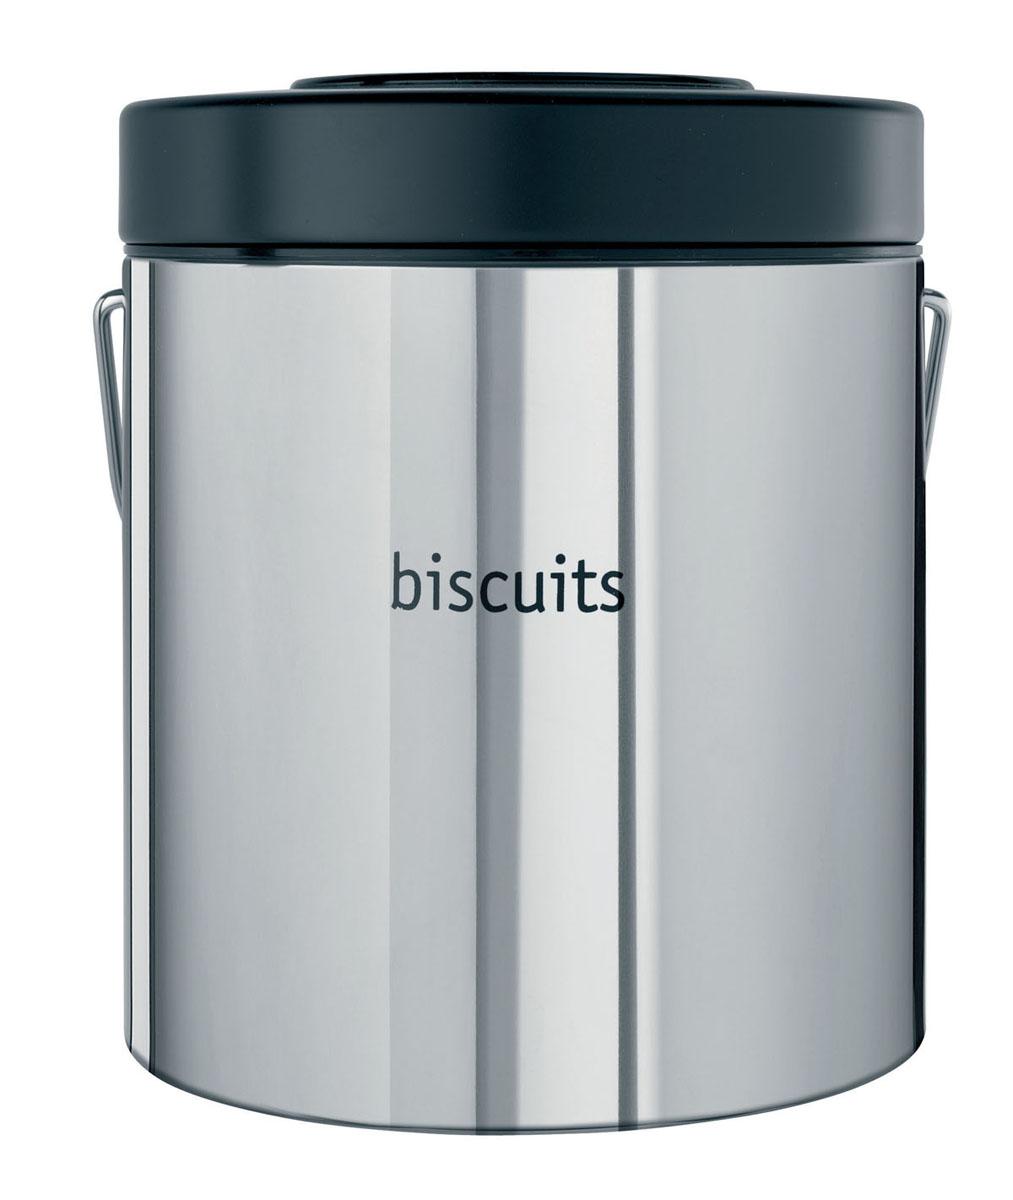 Контейнер для продуктов Brabantia. Печенье, 3,5 л160301Контейнер для продуктов Brabantia изготовлен из антикоррозийной стали с зеркальной полировкой. Внешняя стенка контейнера оформлена надписью Biscuits (Печенье). Внутренняя поверхность контейнера и крышка выполнены из пластика. На крышке расположена влаговпитывающая капсула с фиксатором даты, который всегда напомнит, когда в последний раз сушили капсулу в данном контейнере. Влаговпитывающую капсулу рекомендуется периодически сушить в нагретой духовке в течение короткого времени. Для удобной переноски у контейнера имеется прочная стальная ручка. Характеристики: Материал: сталь, пластик. Объем: 3,5 л. Диаметр по верхнему краю: 16 см. Высота стенки: 19 см. Гарантия производителя: 5 лет.